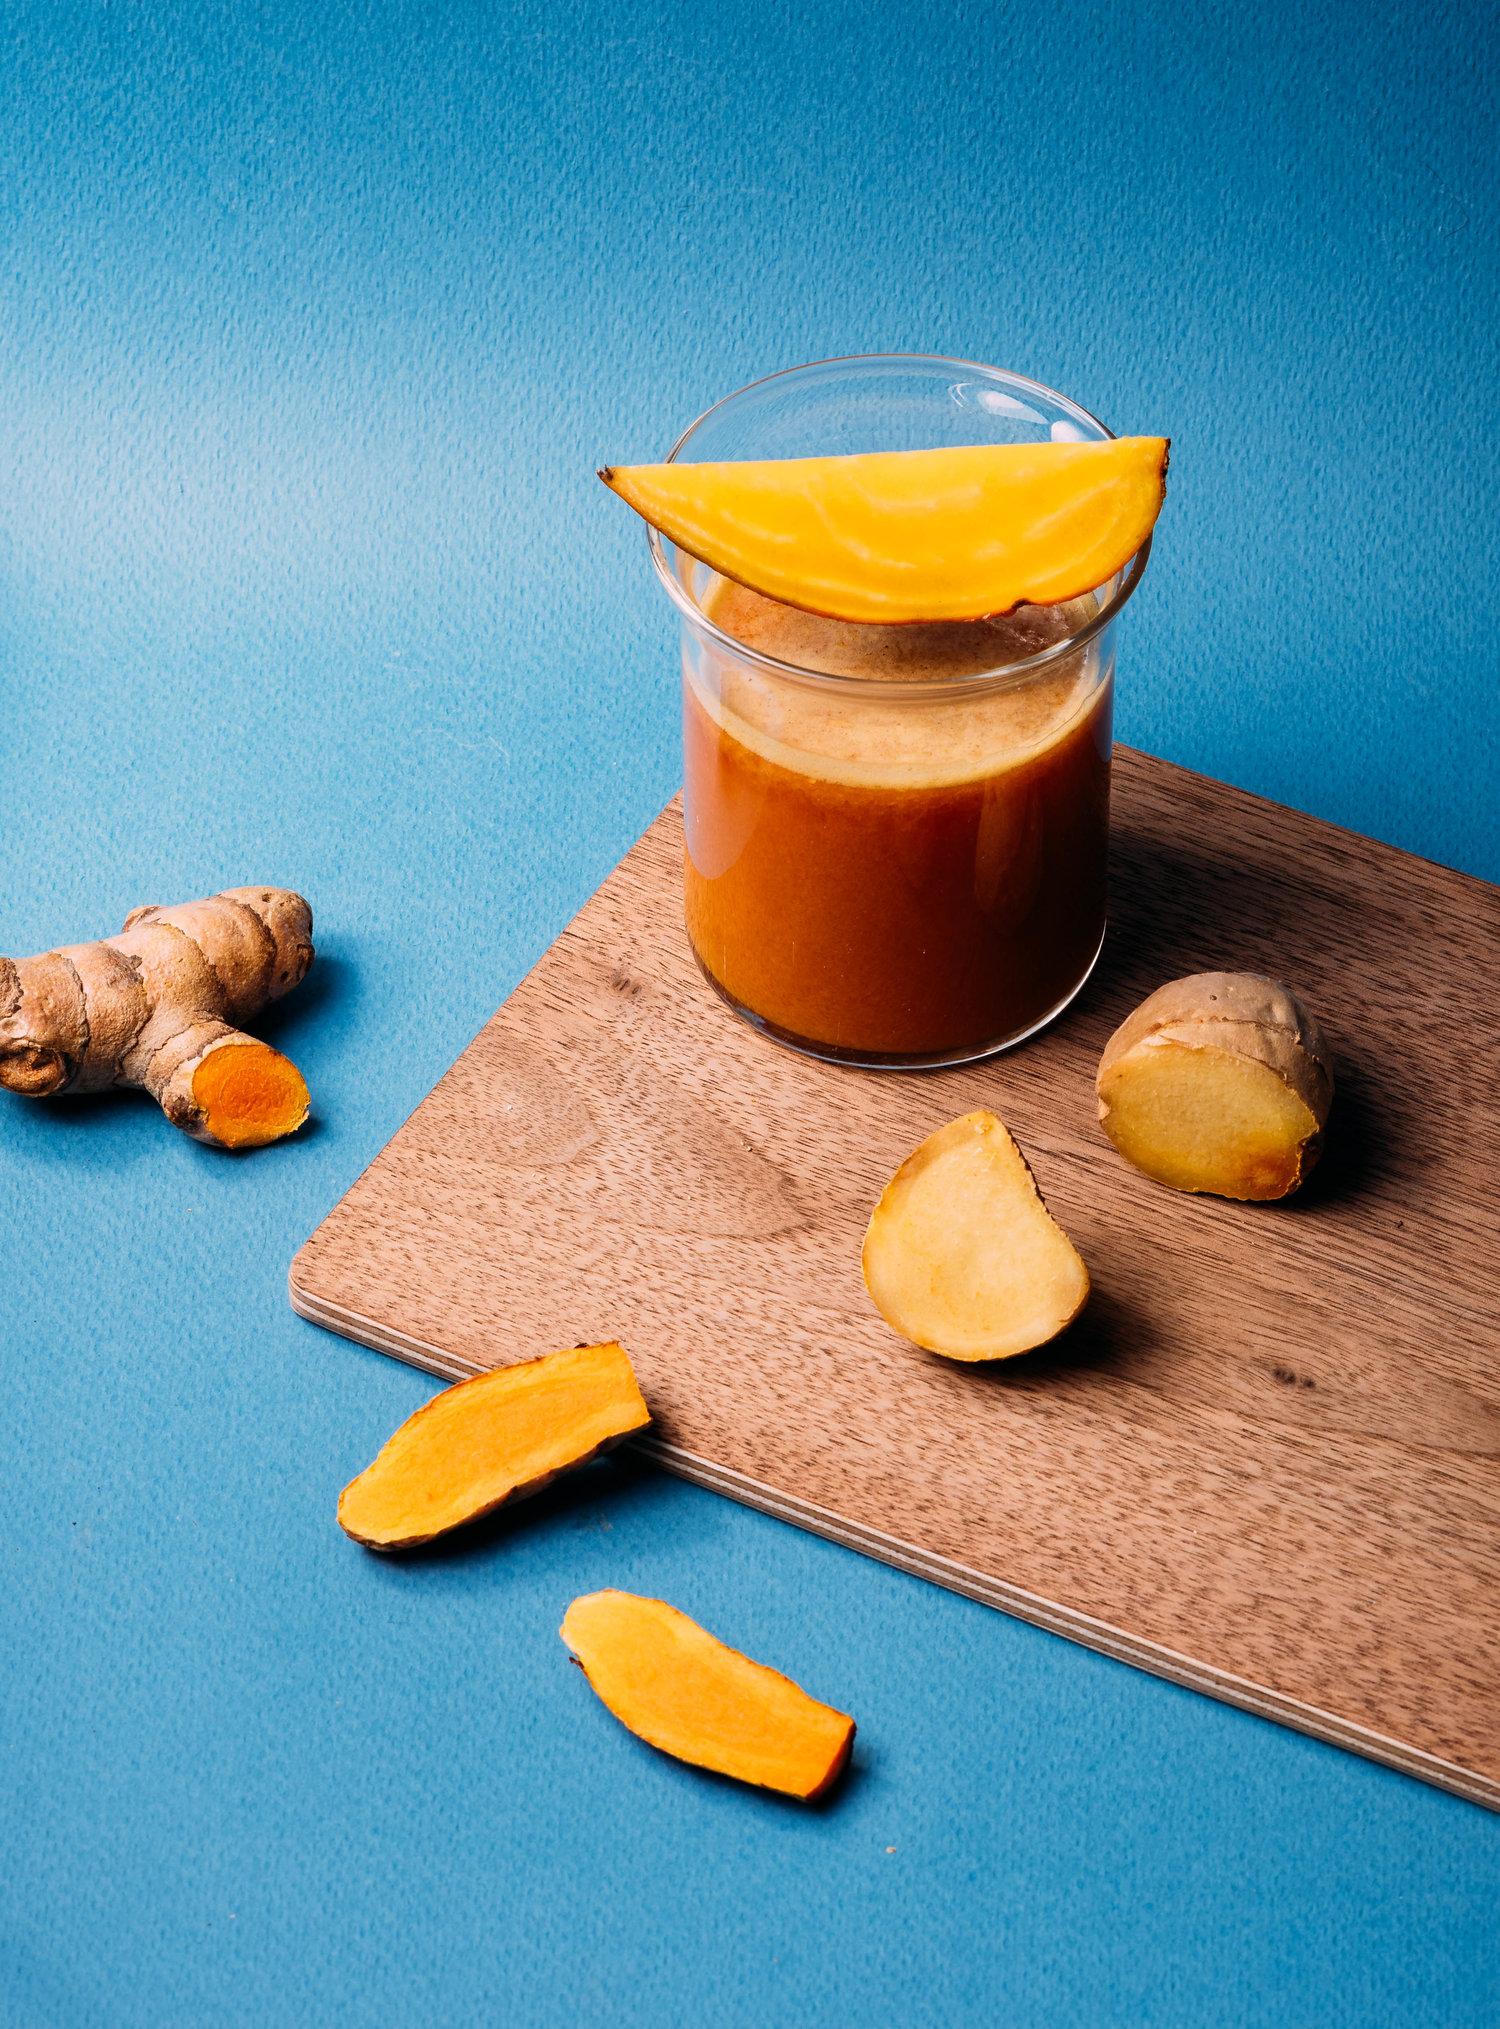 goldjuice.jpg